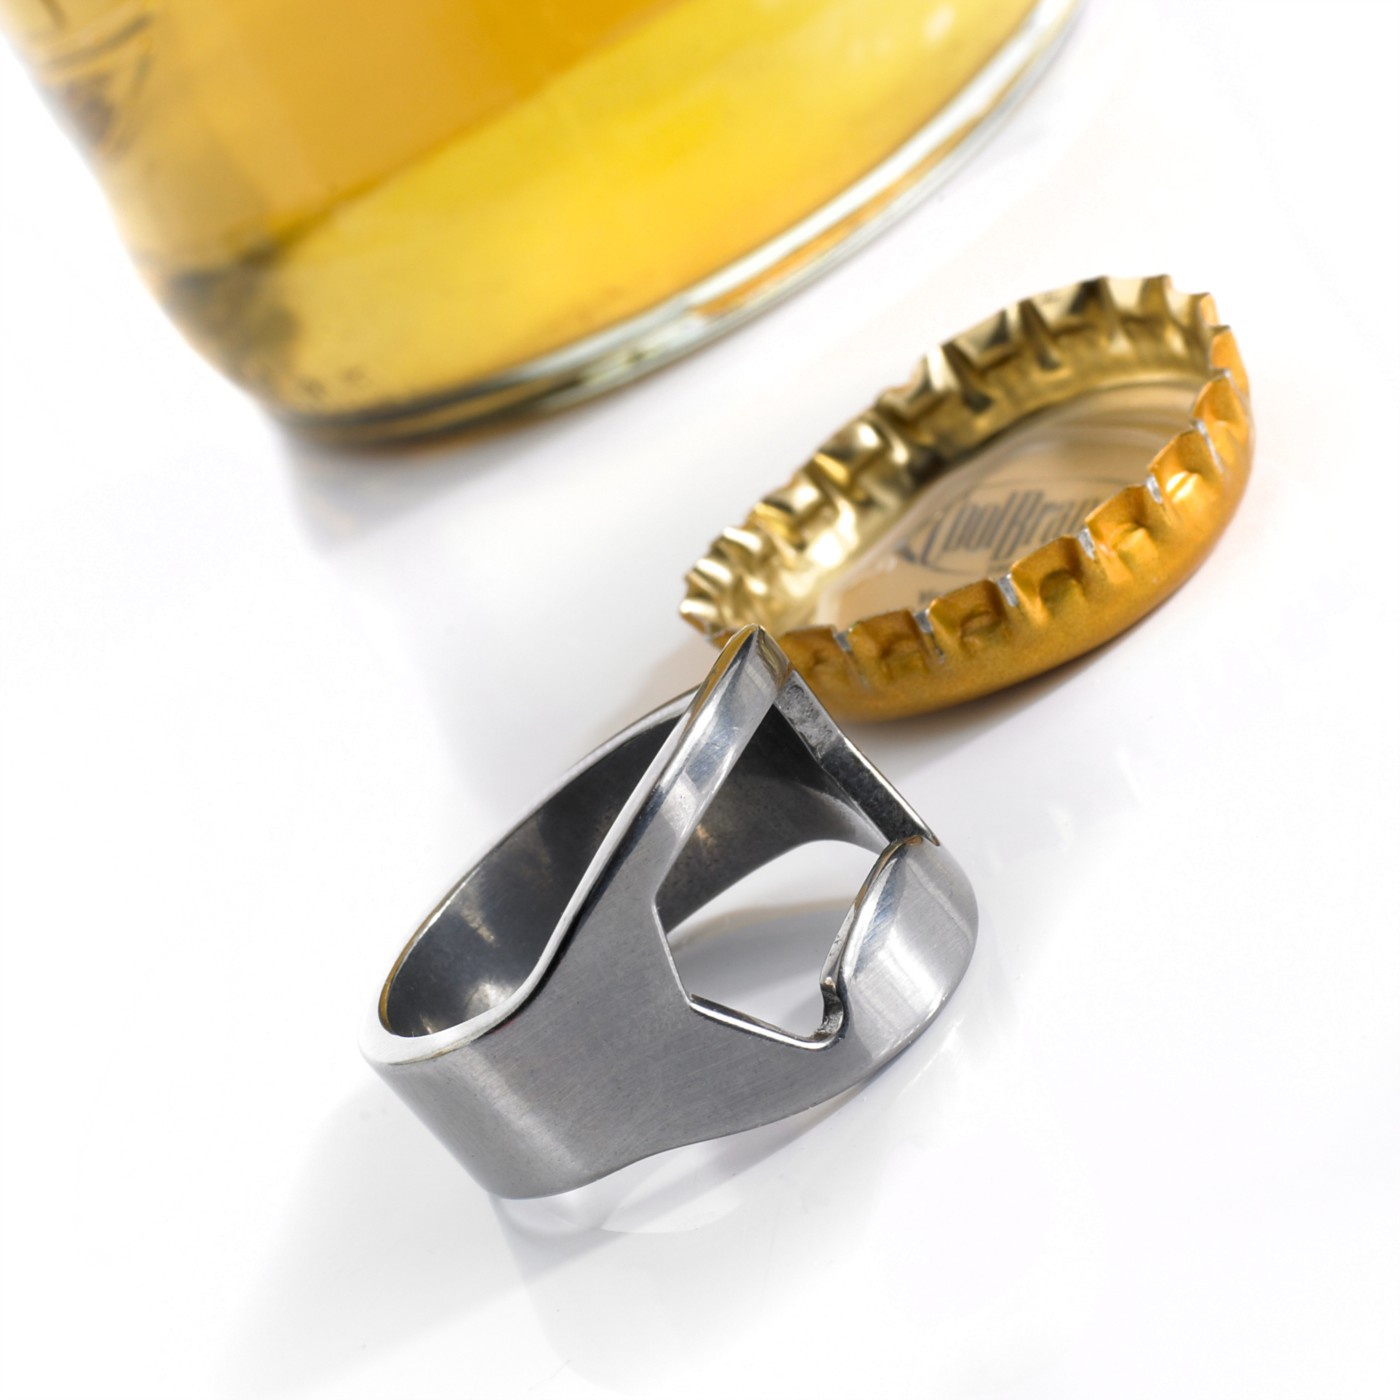 Prstenový otvírák lahví